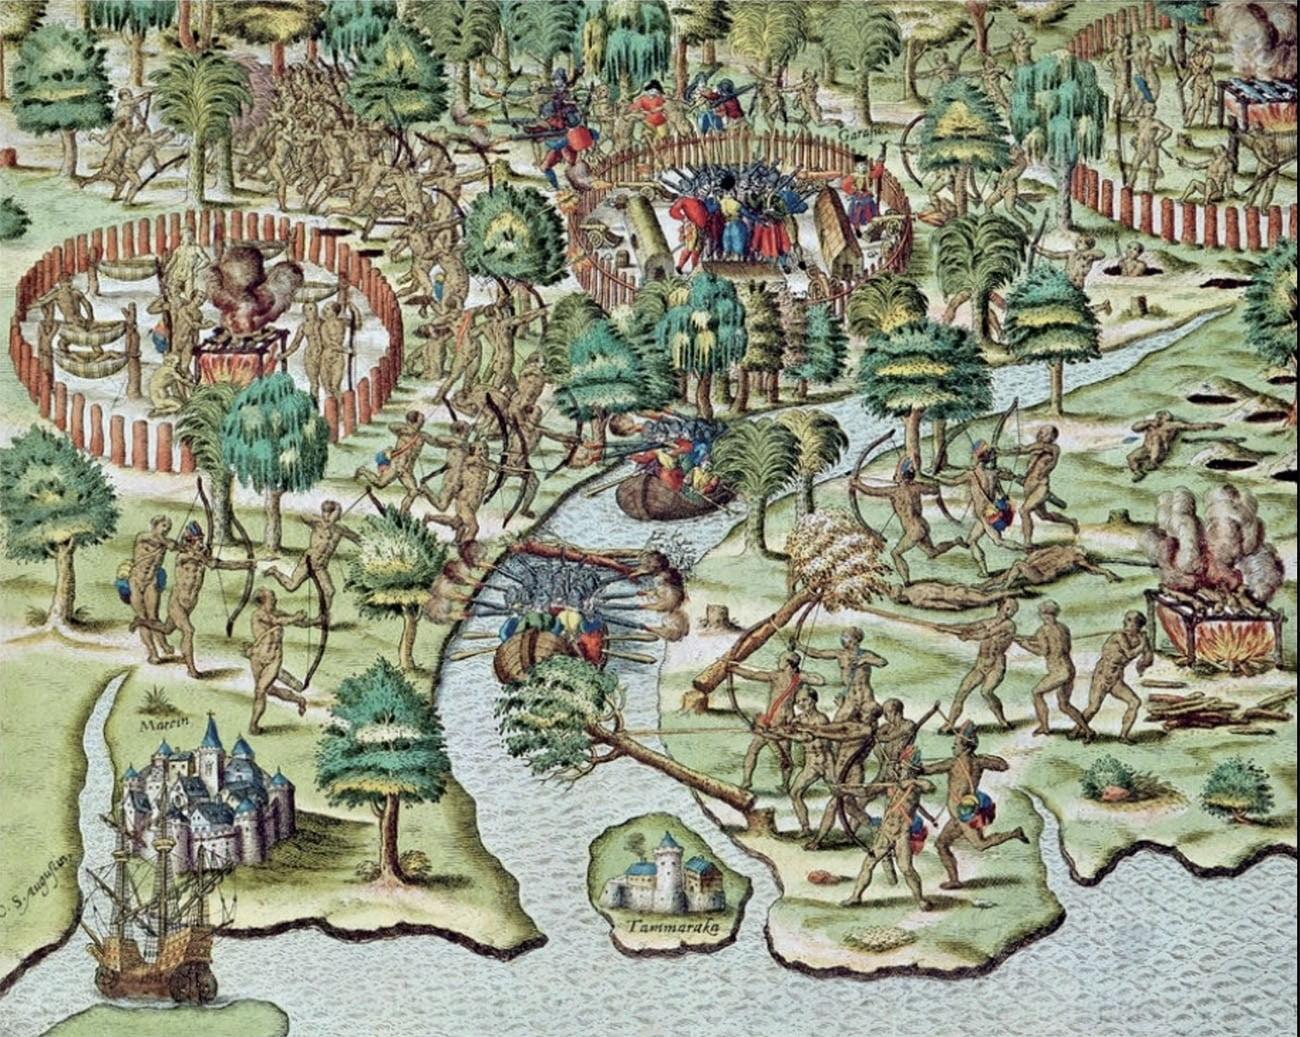 Gravura de Theodor de Bry. Ataque dos índios caetés à vila de Igarassu